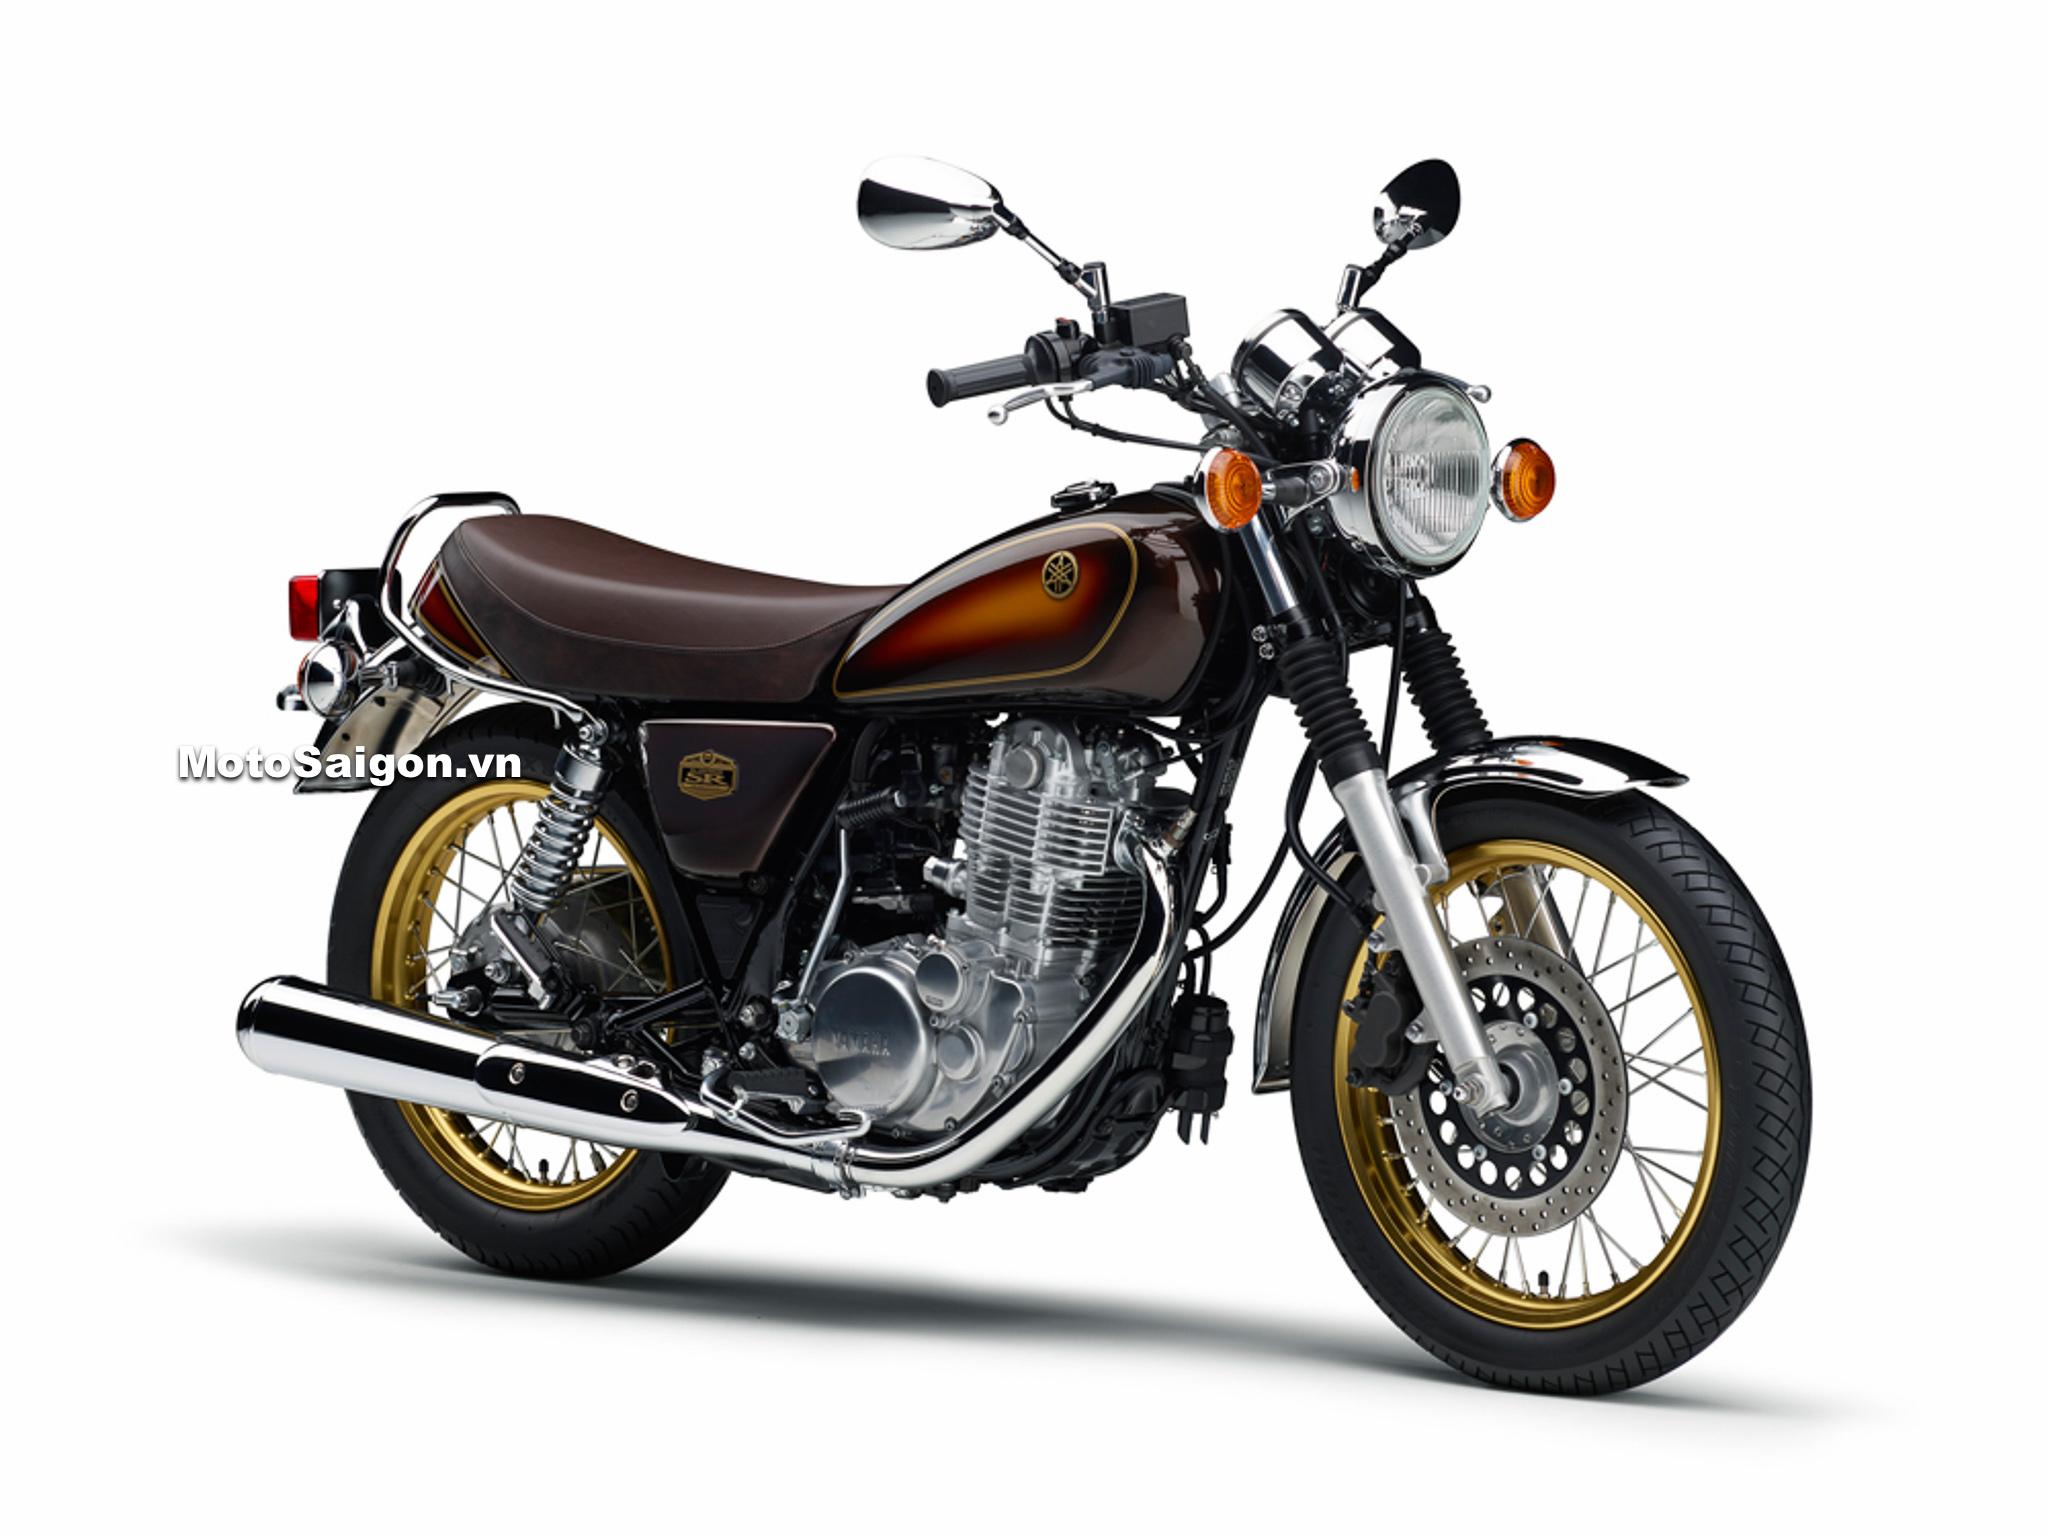 Yamaha SR400 40th Anniversary kỷ niệm 40 năm ra mắt tại Thái Lan